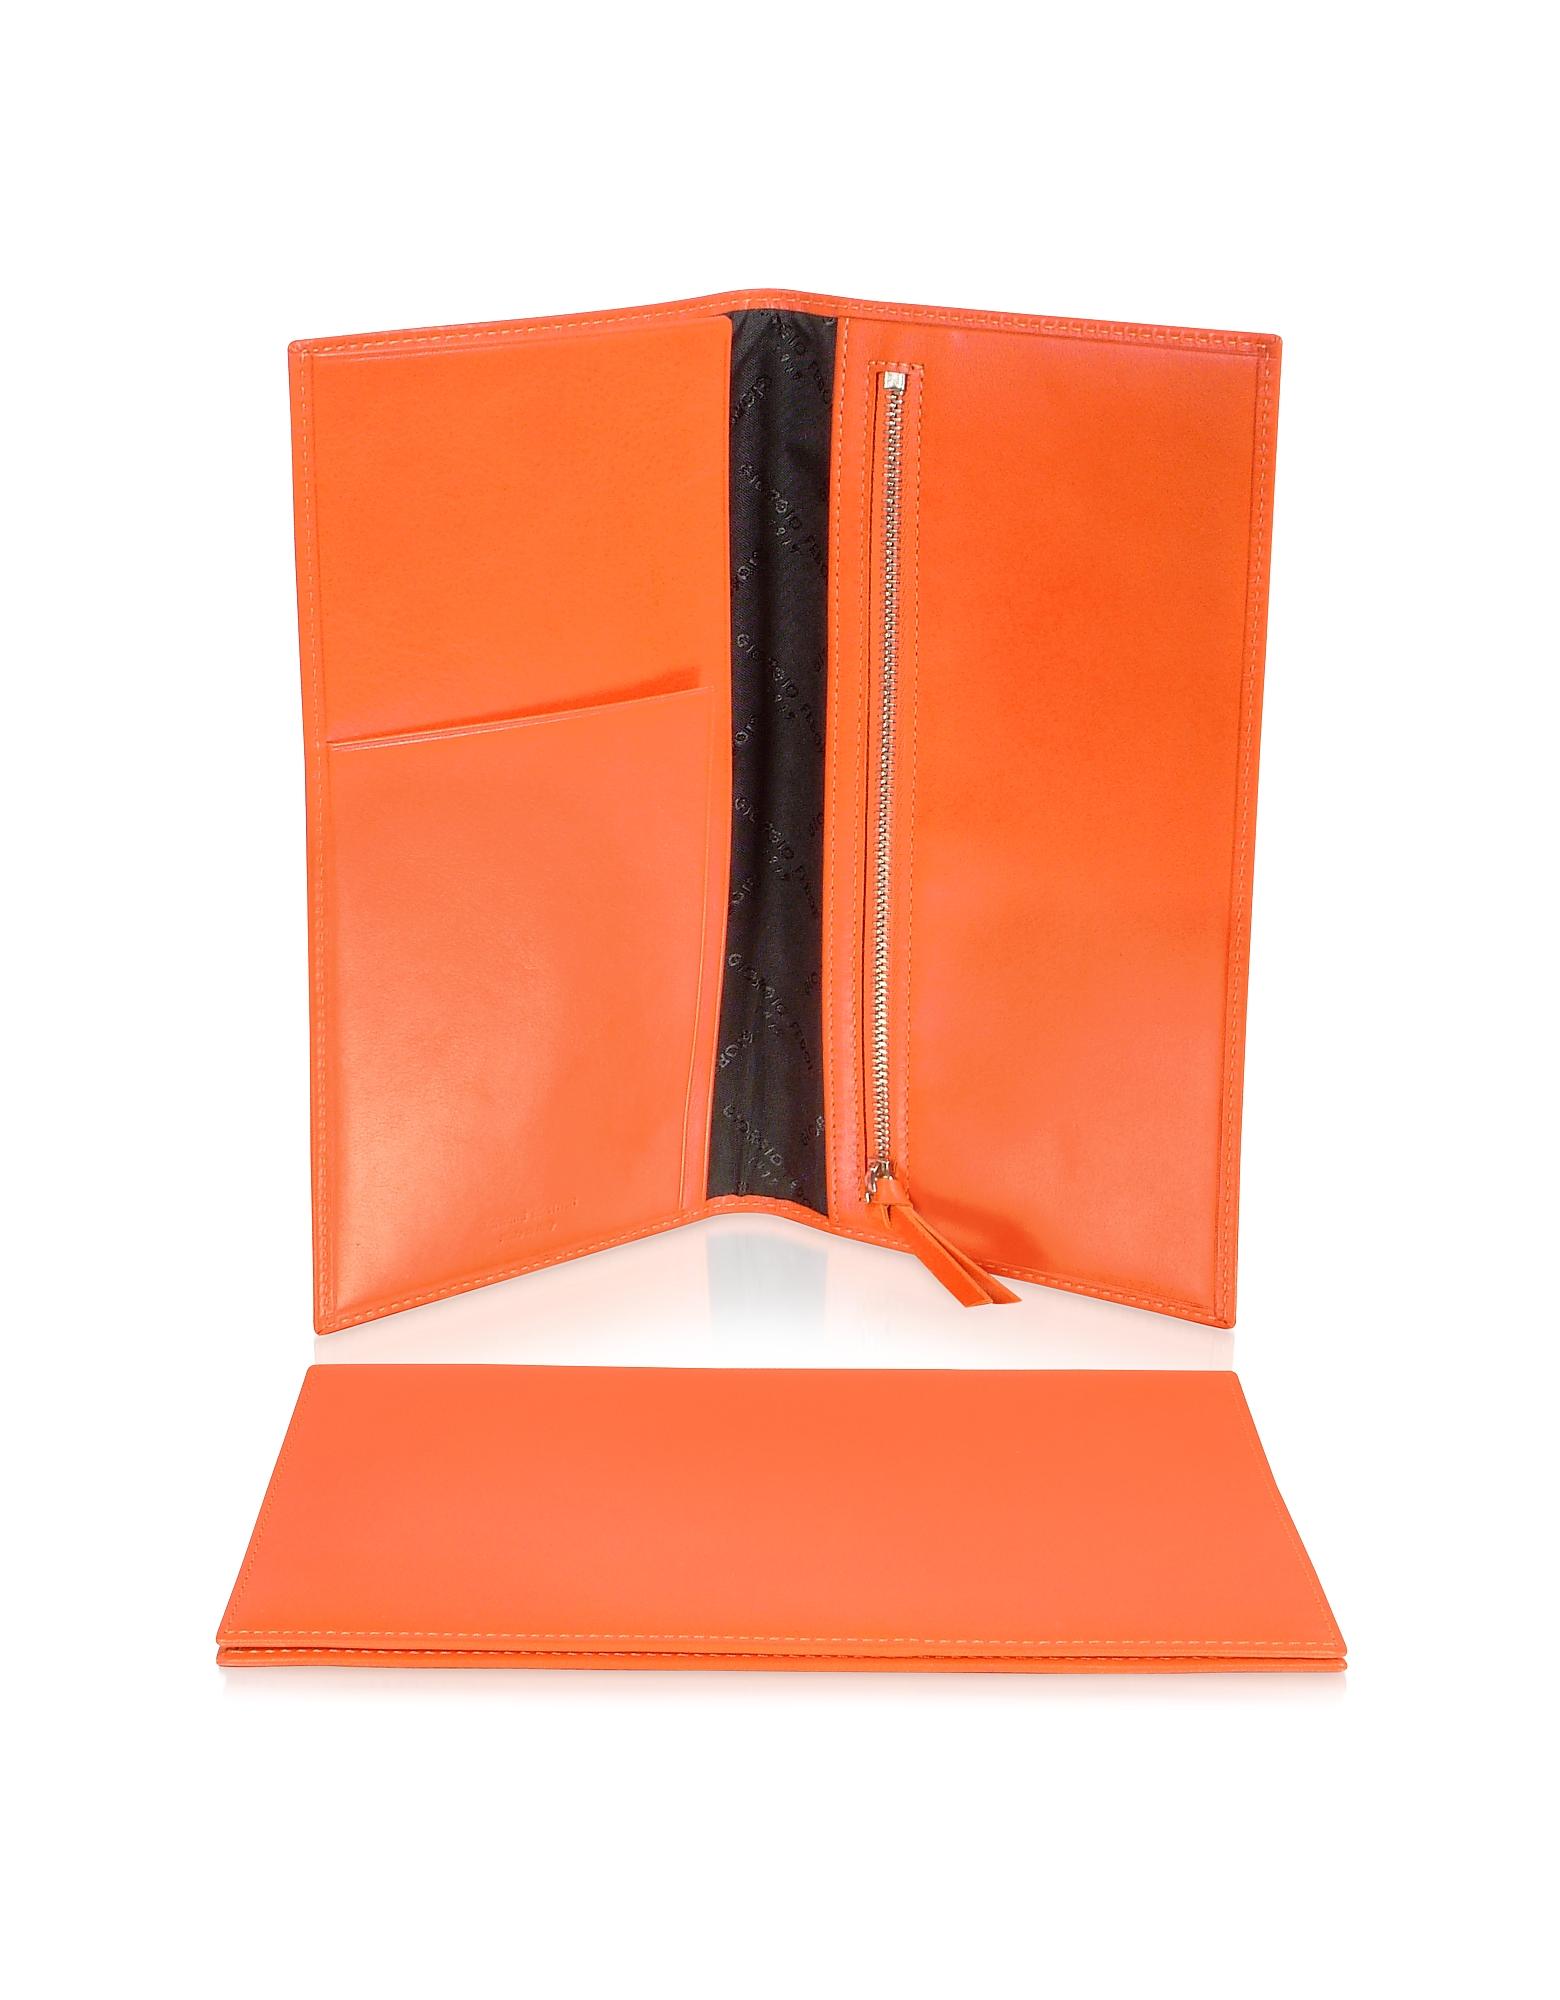 Giorgio Fedon 1919 Classica Collection - Оранжевая Папка для Проездных Документов из Кожи Теленка